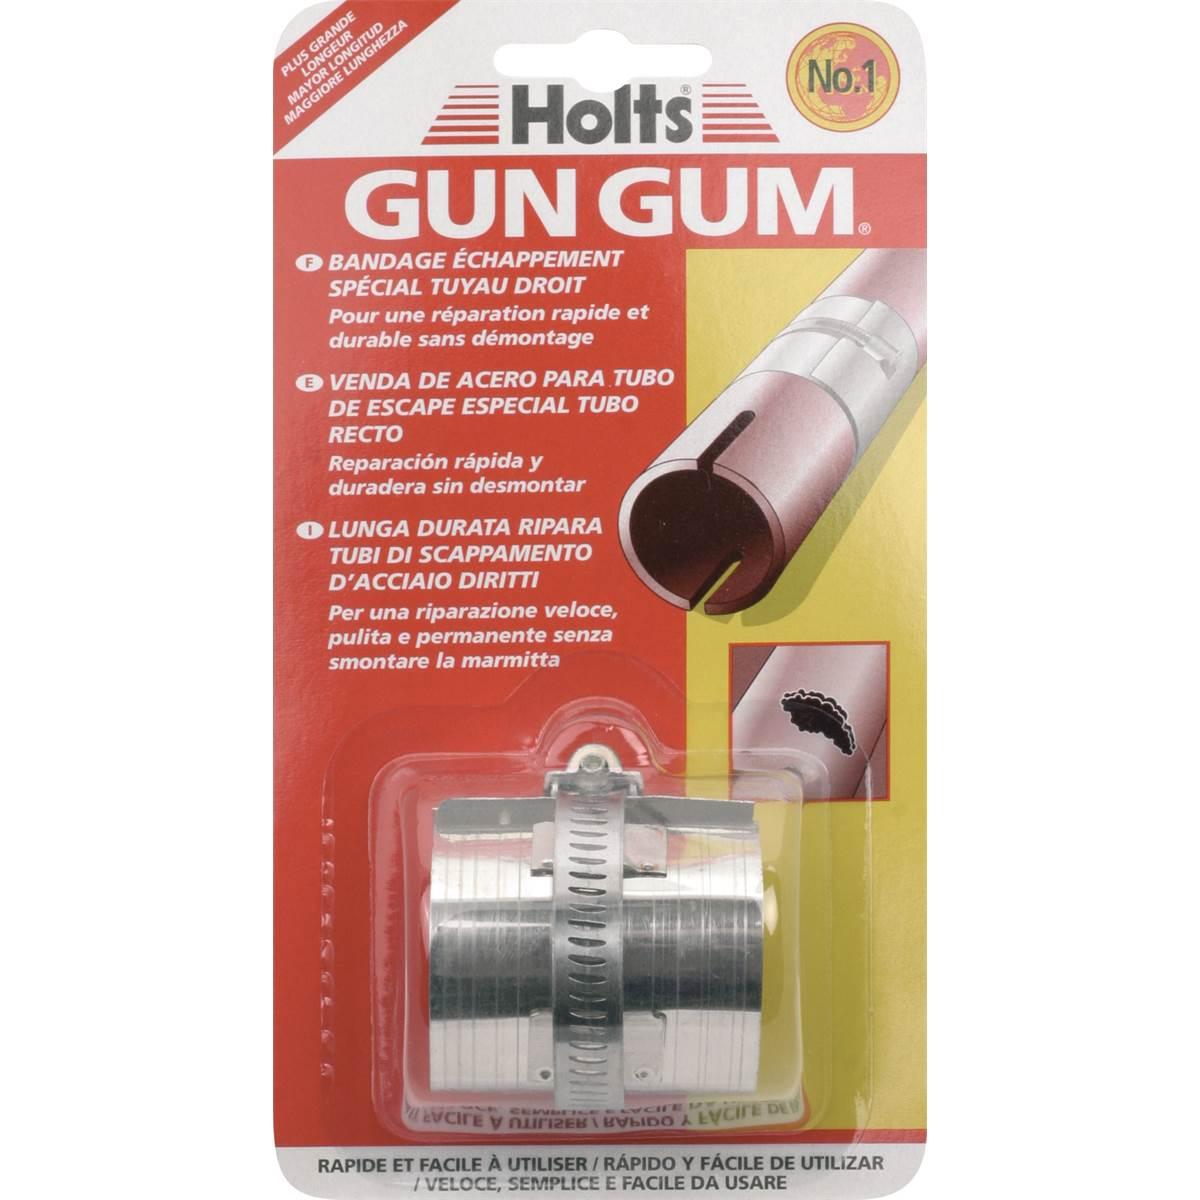 Bandage tuyau droit Holts Flexiwrap